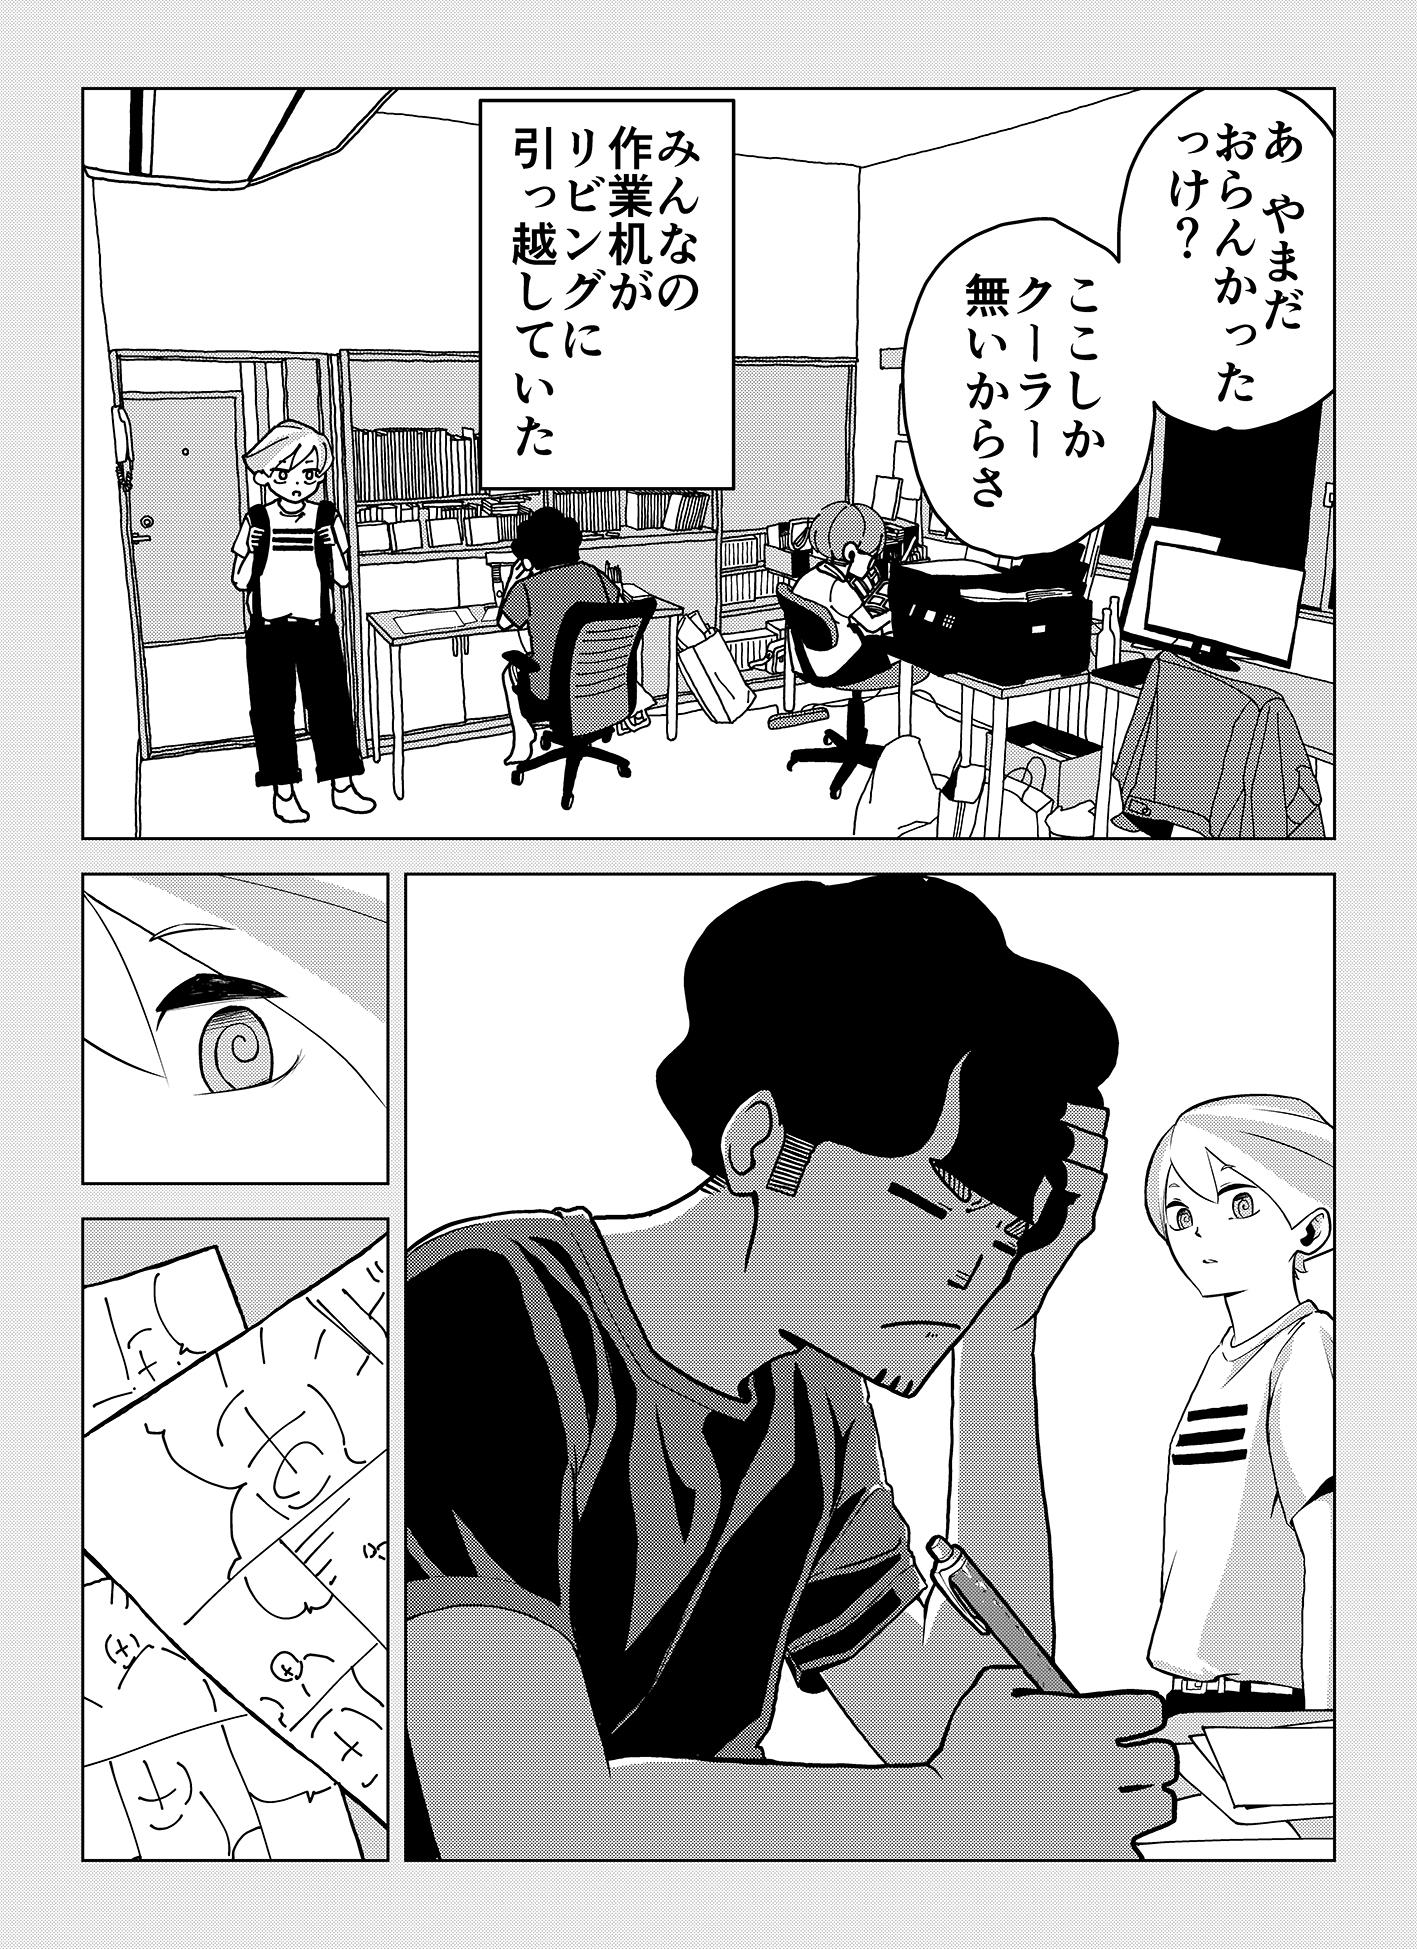 share_11_007